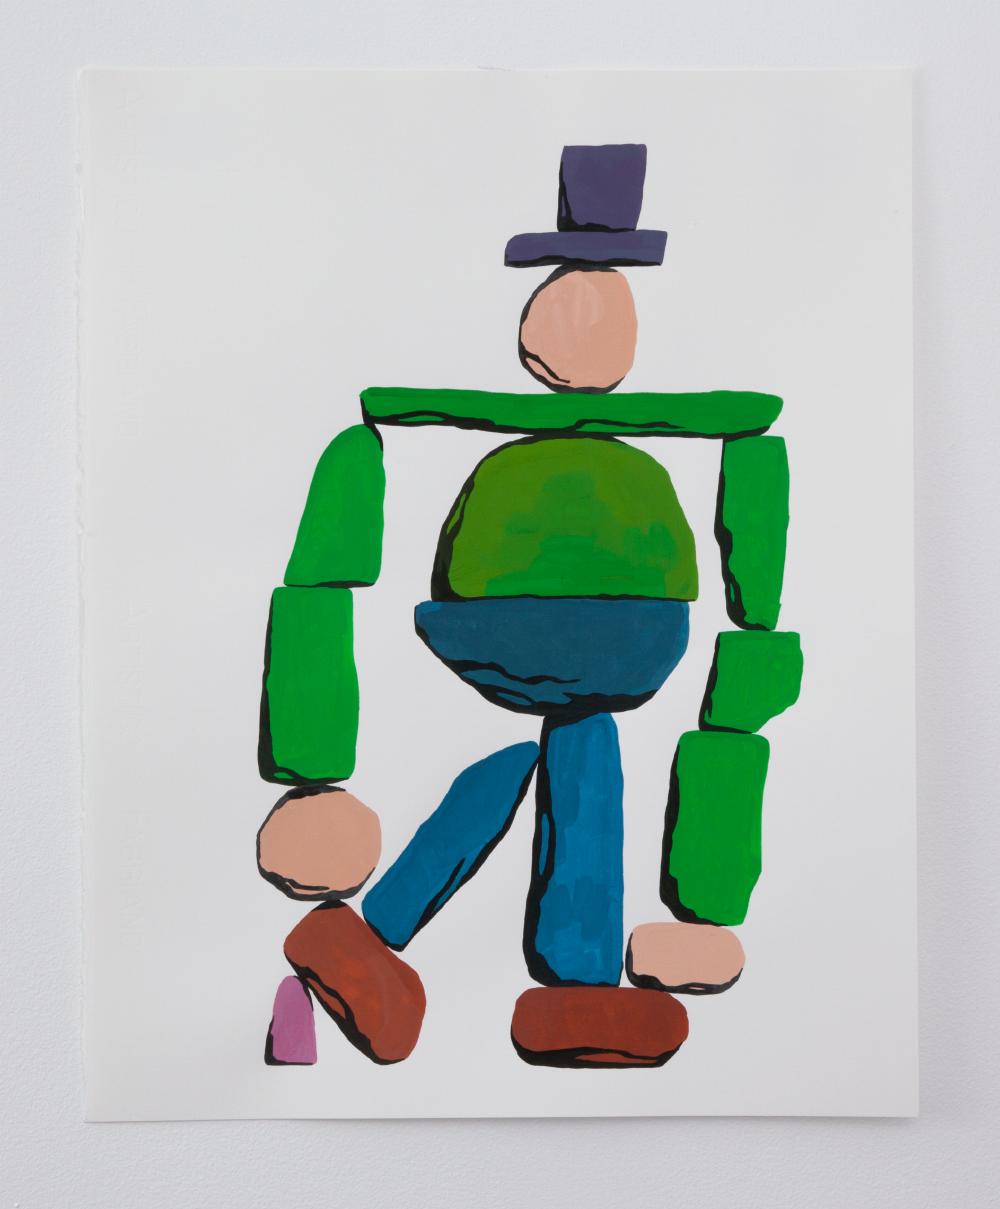 Gumshoe, Gouache on board, 2016, 16 x 20